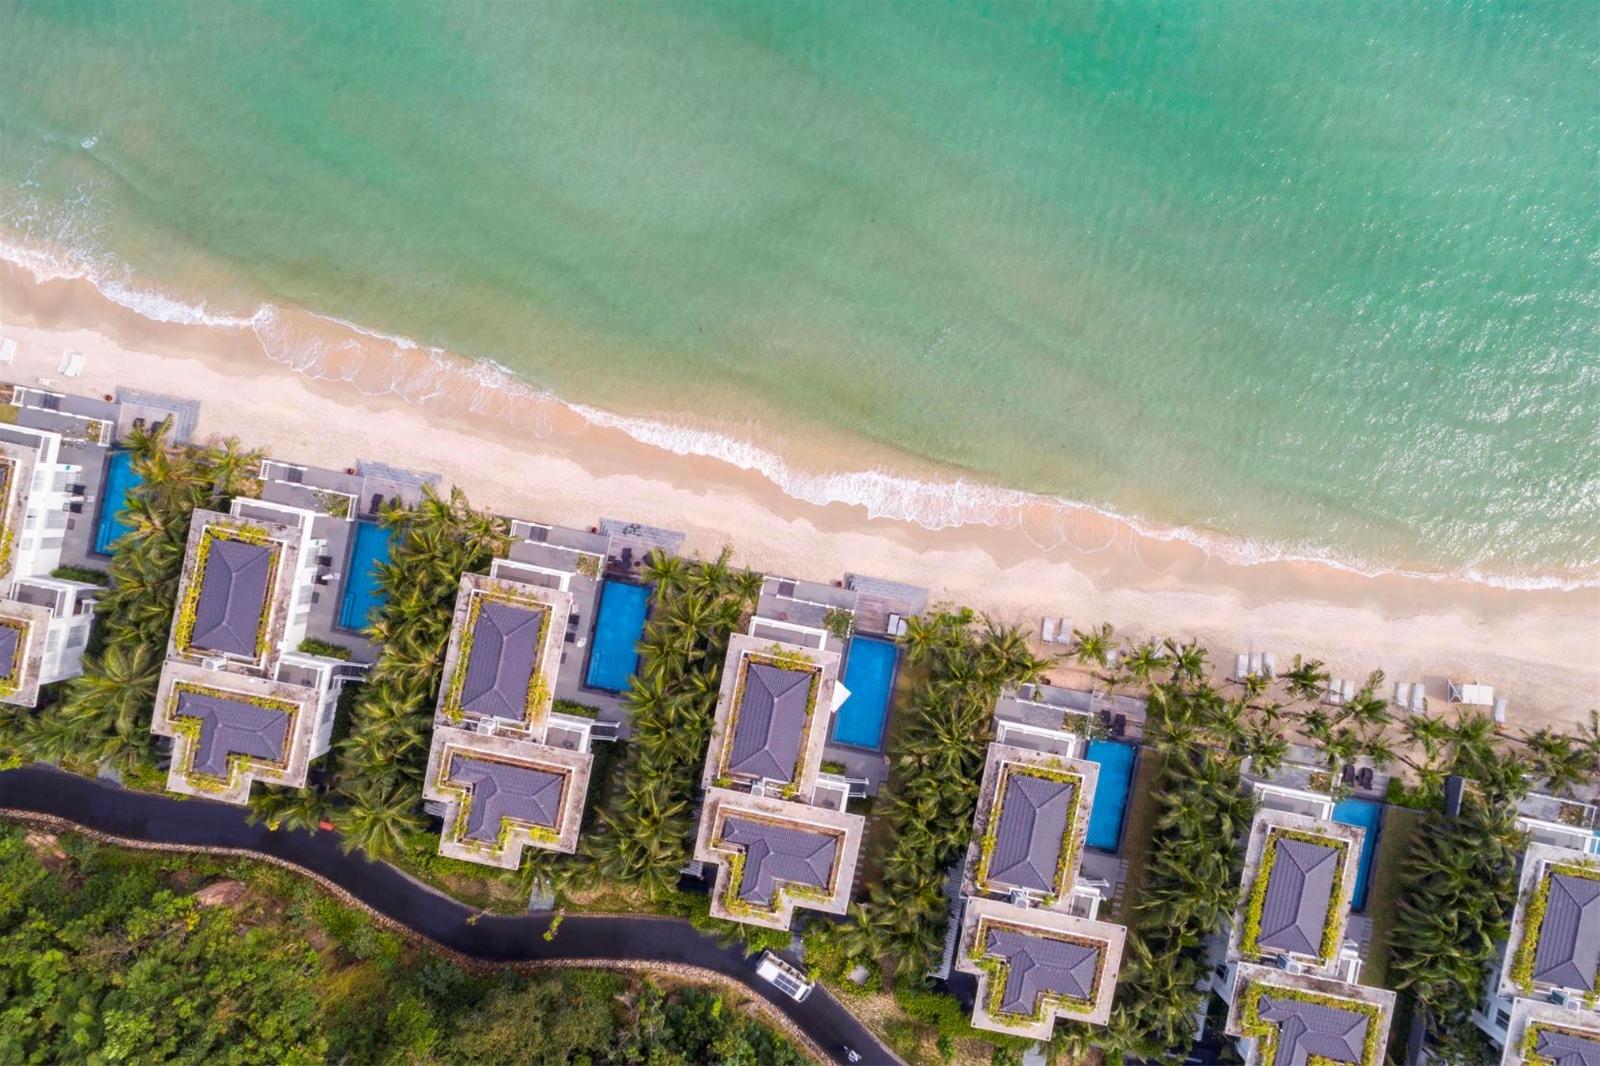 Cận cảnh thiên đường nghỉ dưỡng trên đảo Ngọc – Premier Village Phu Quoc Resort